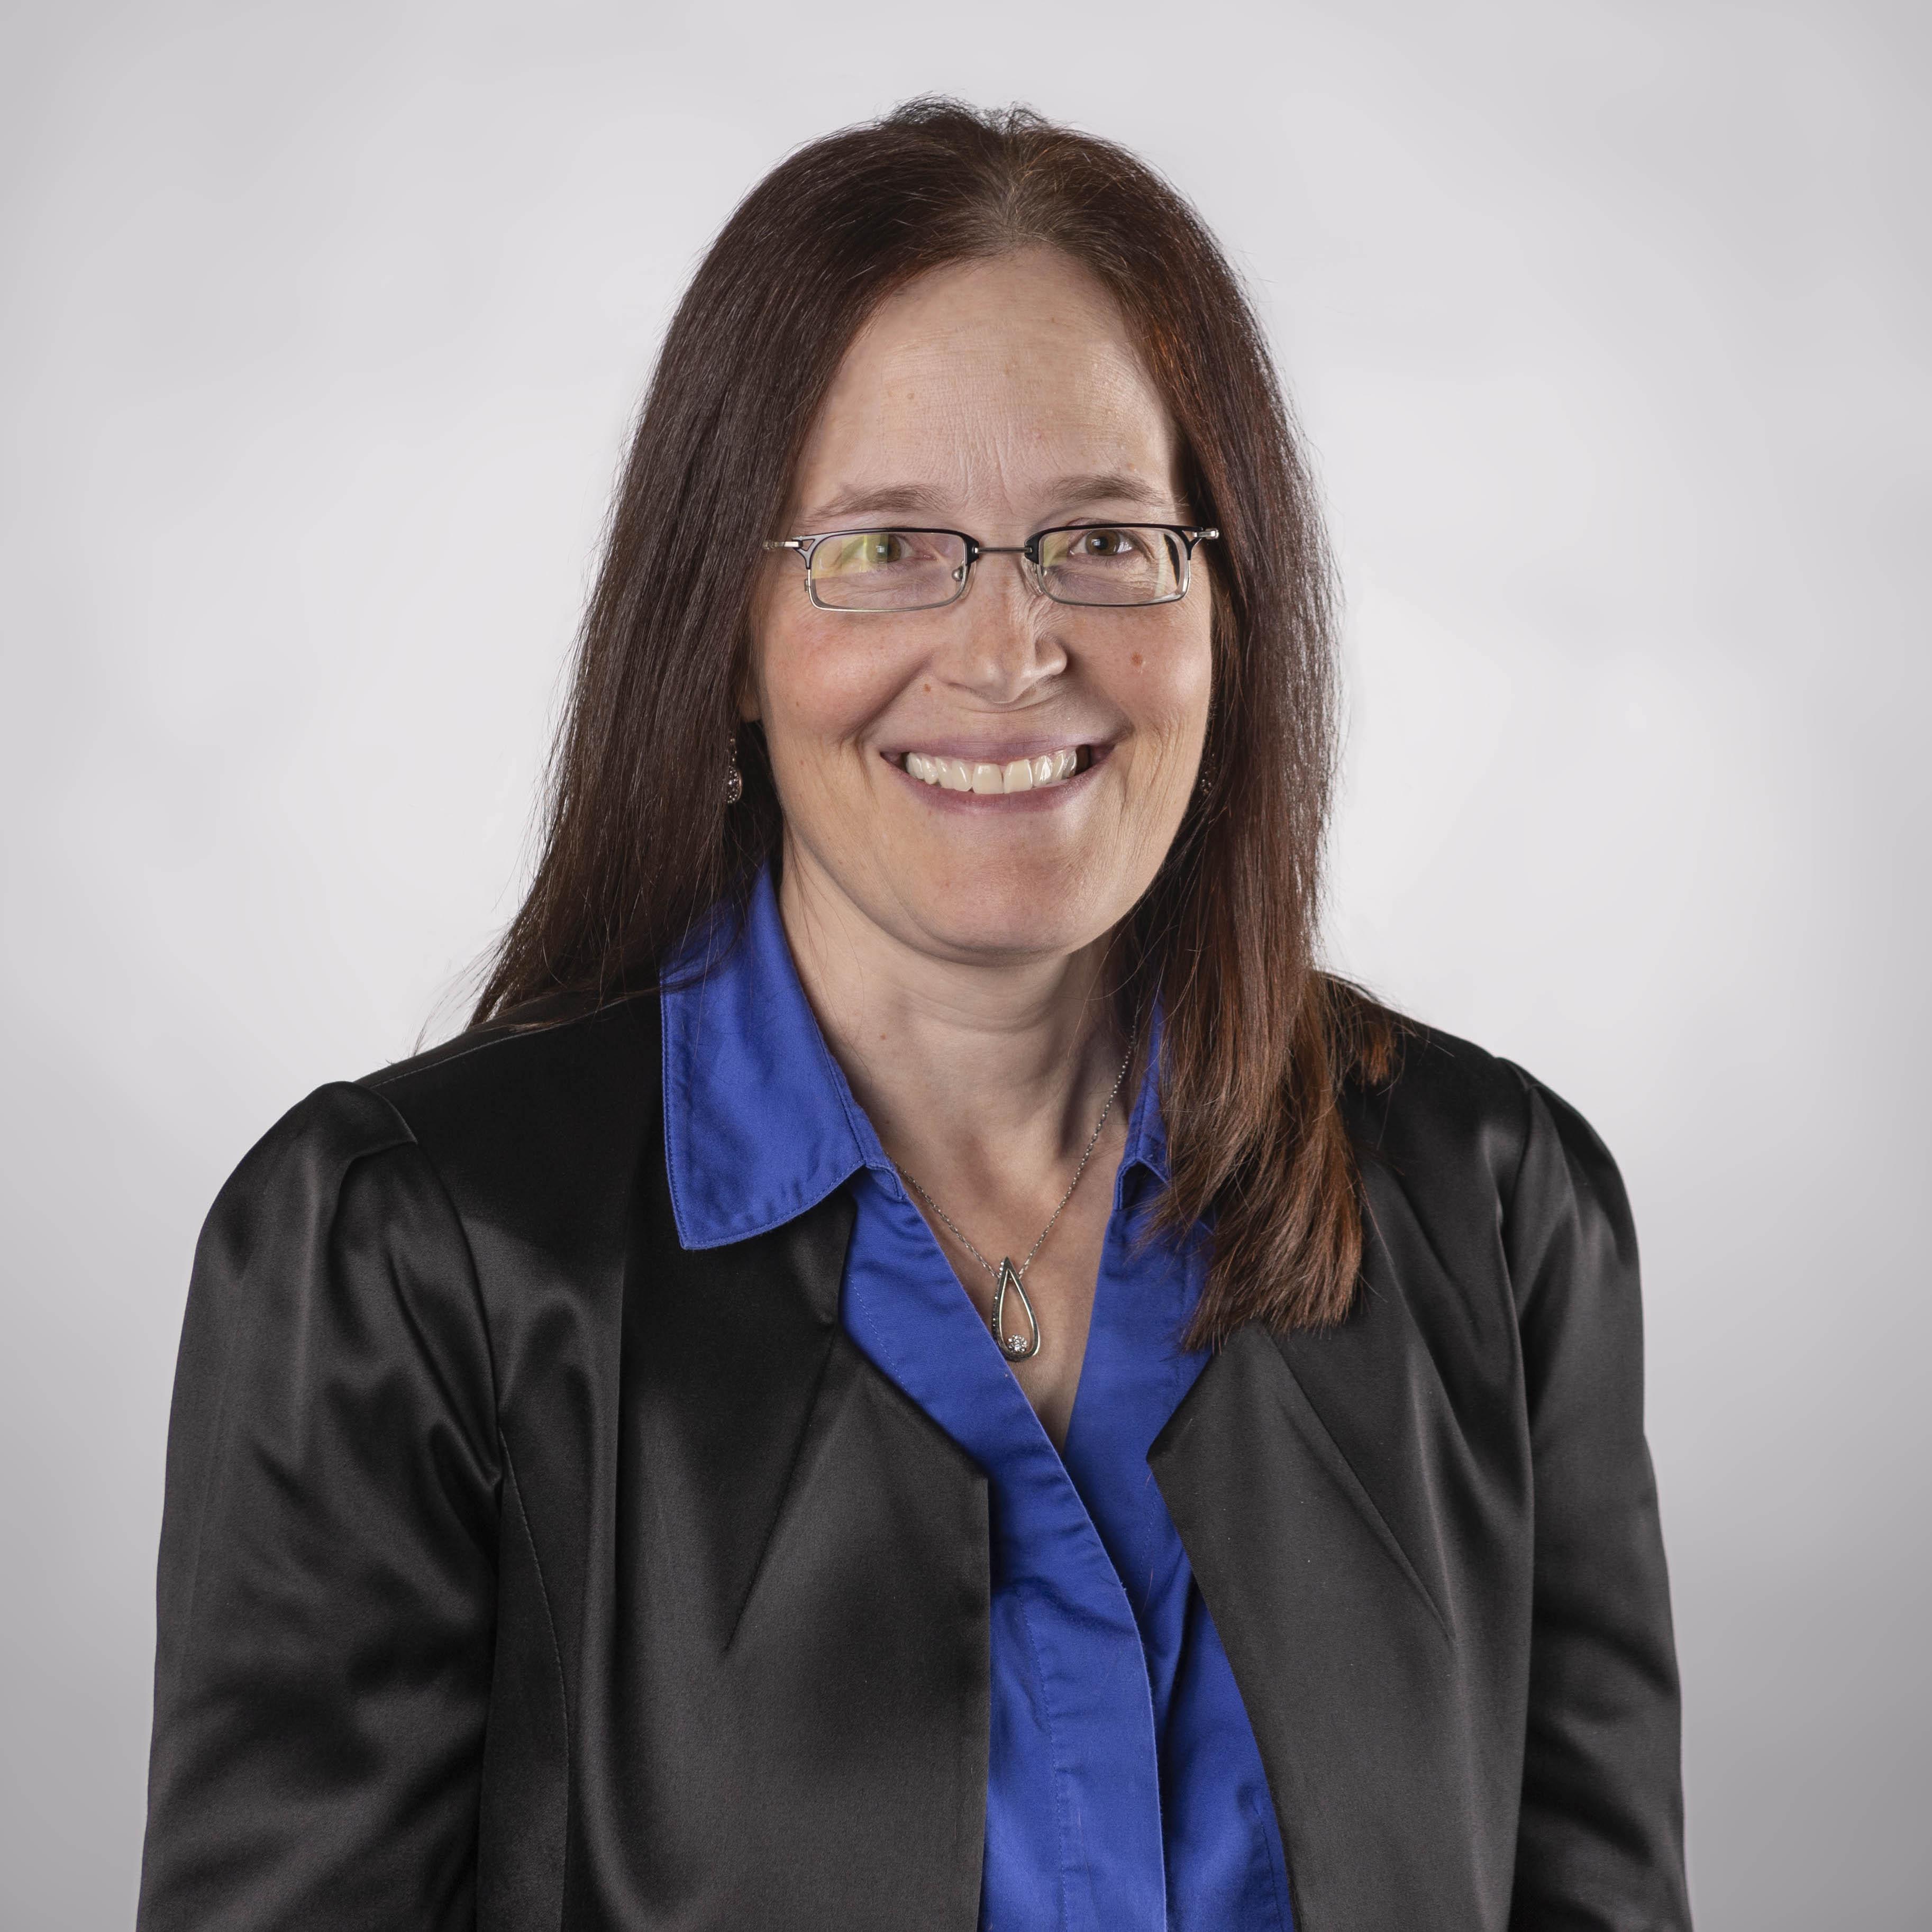 Lisa Holtorf